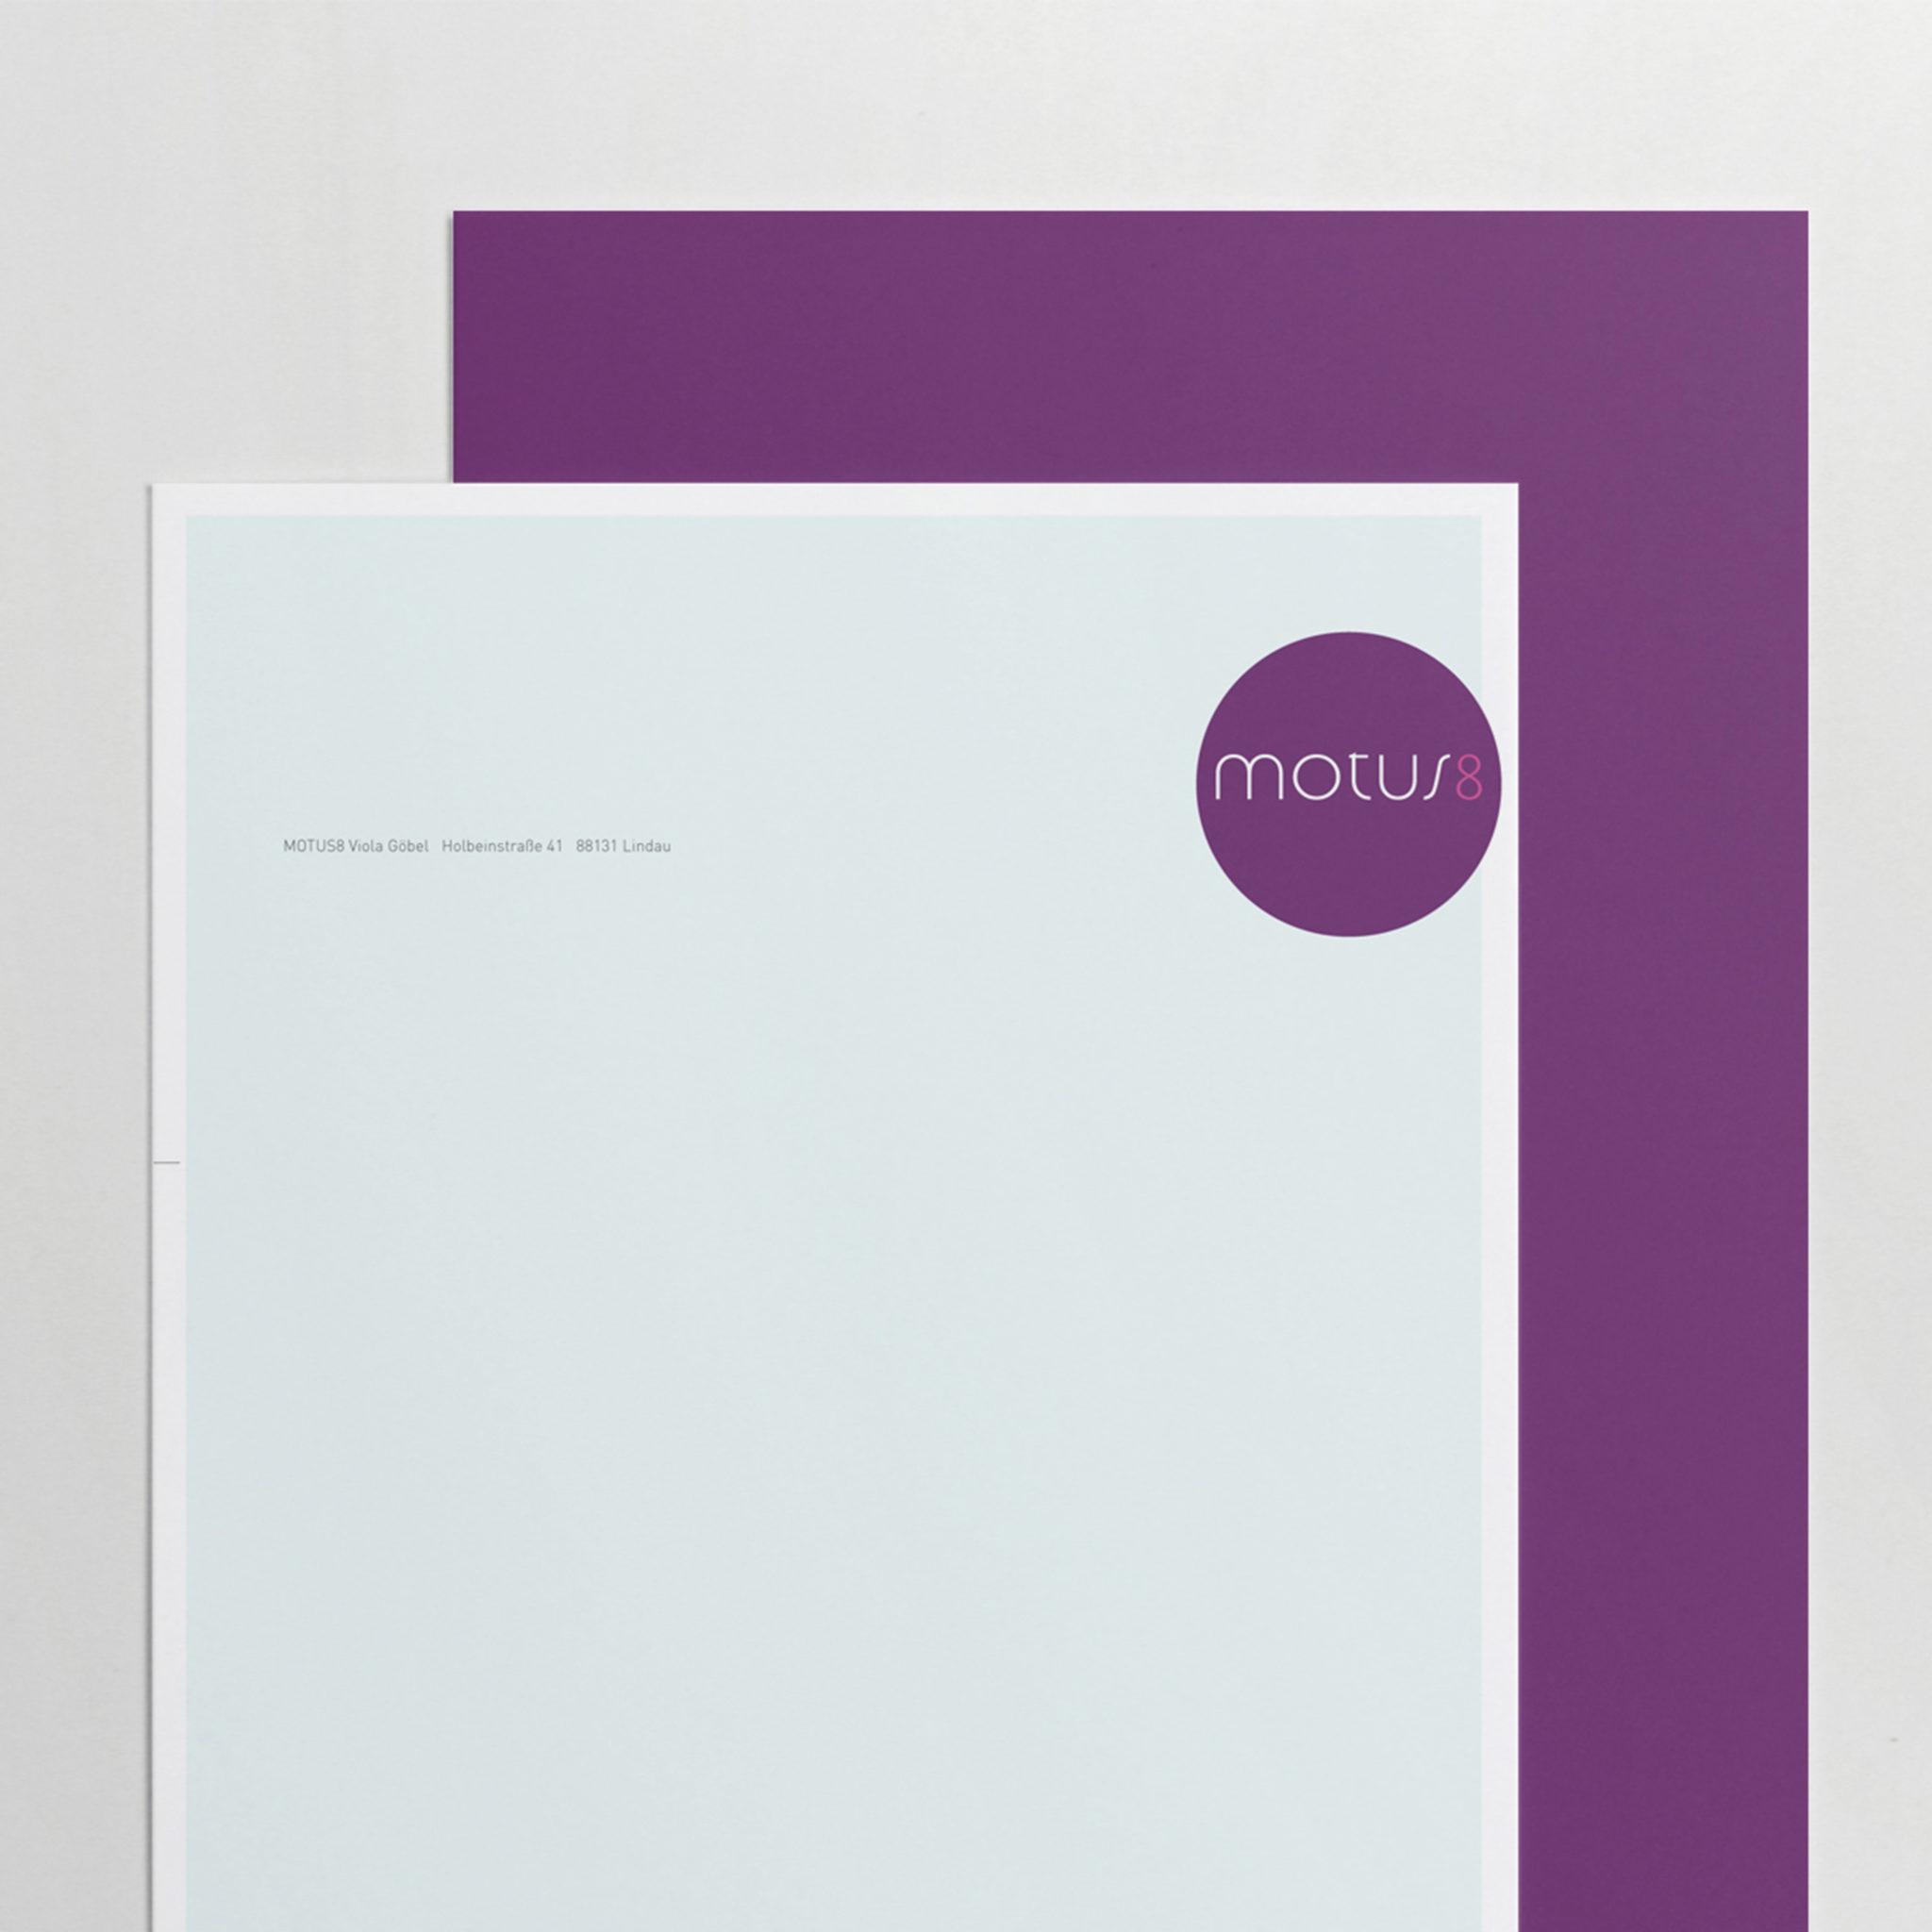 motus_Briefpapier